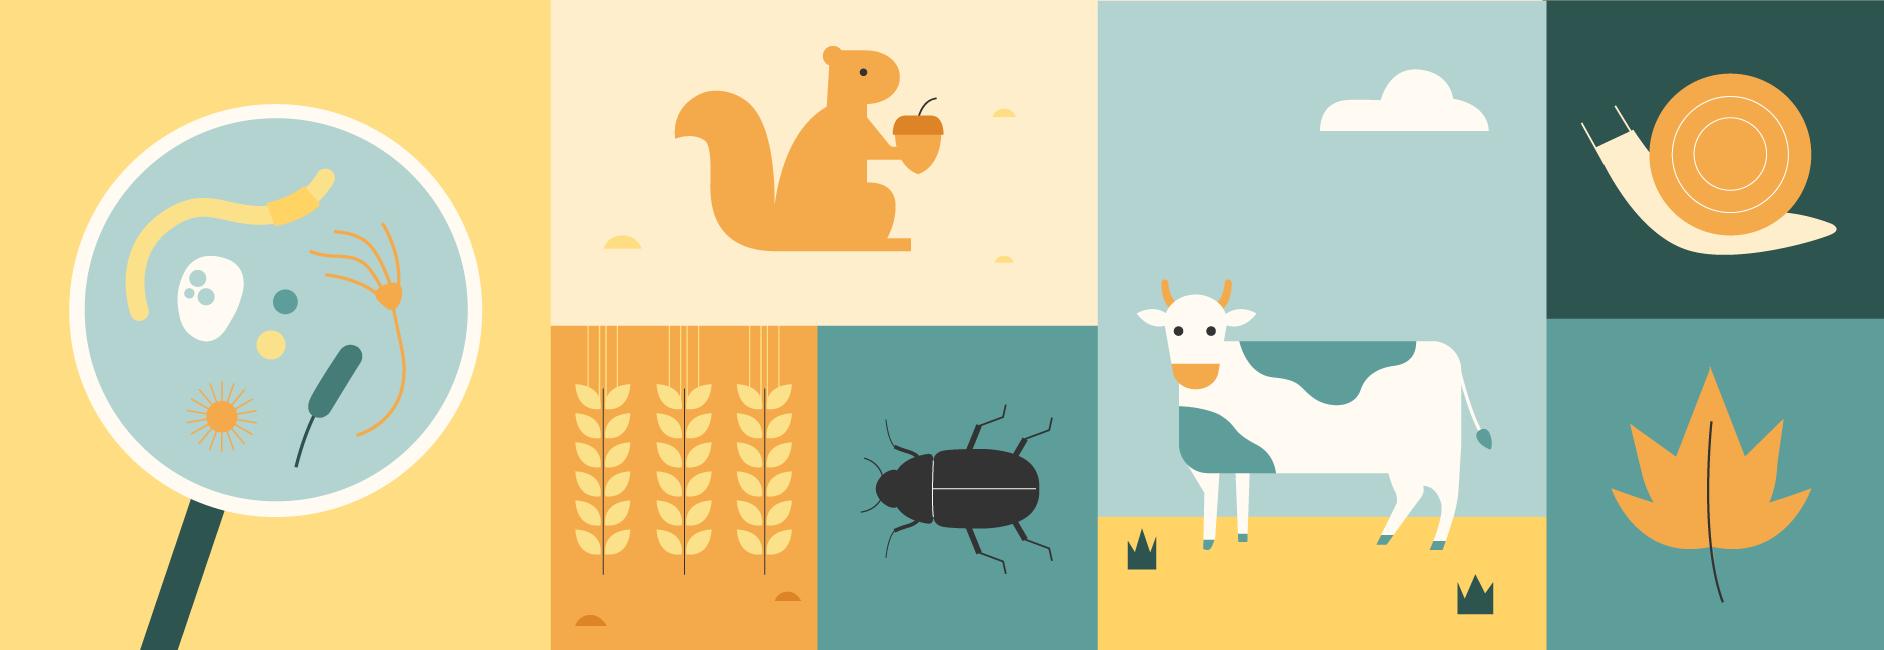 La ilustración con los elementos integrados en el concepto de la agricultura regenerativa